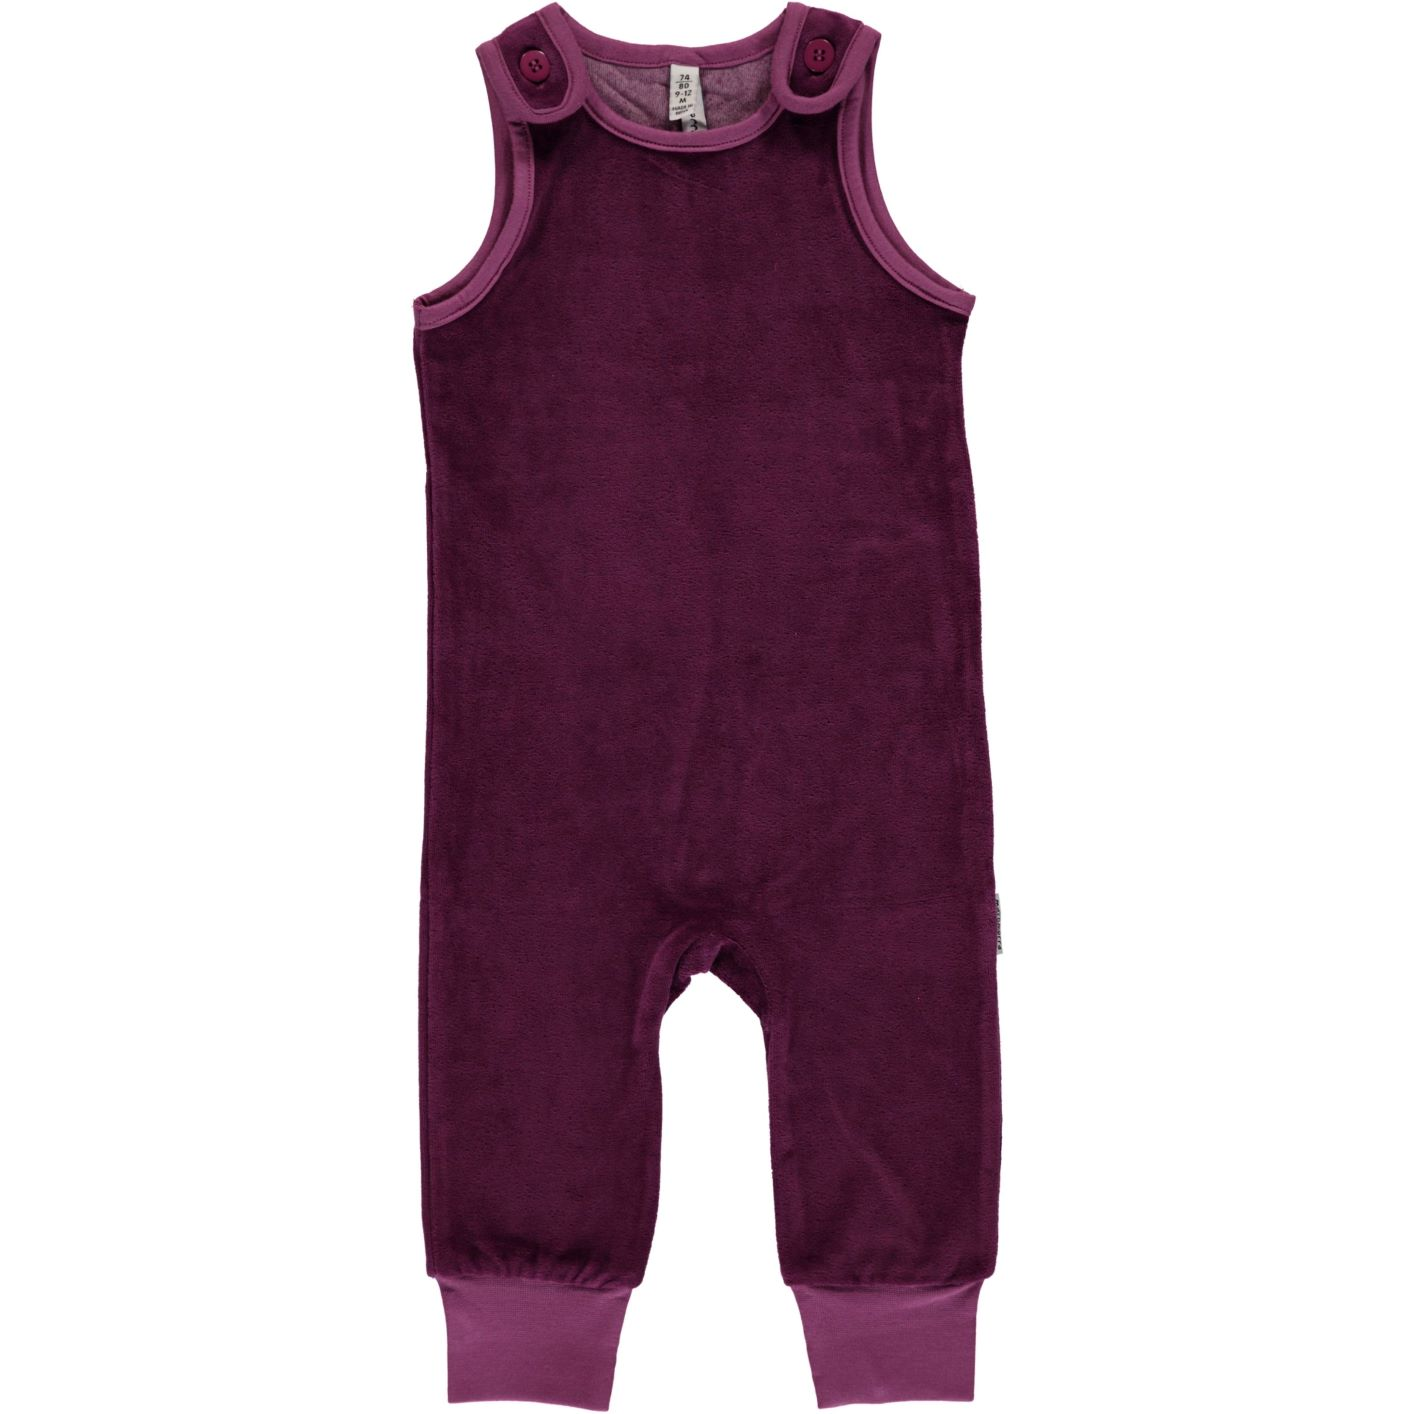 2cbe1d99eb AW18 Maxomorra Purple Velour Playsuit - Catfish Kids